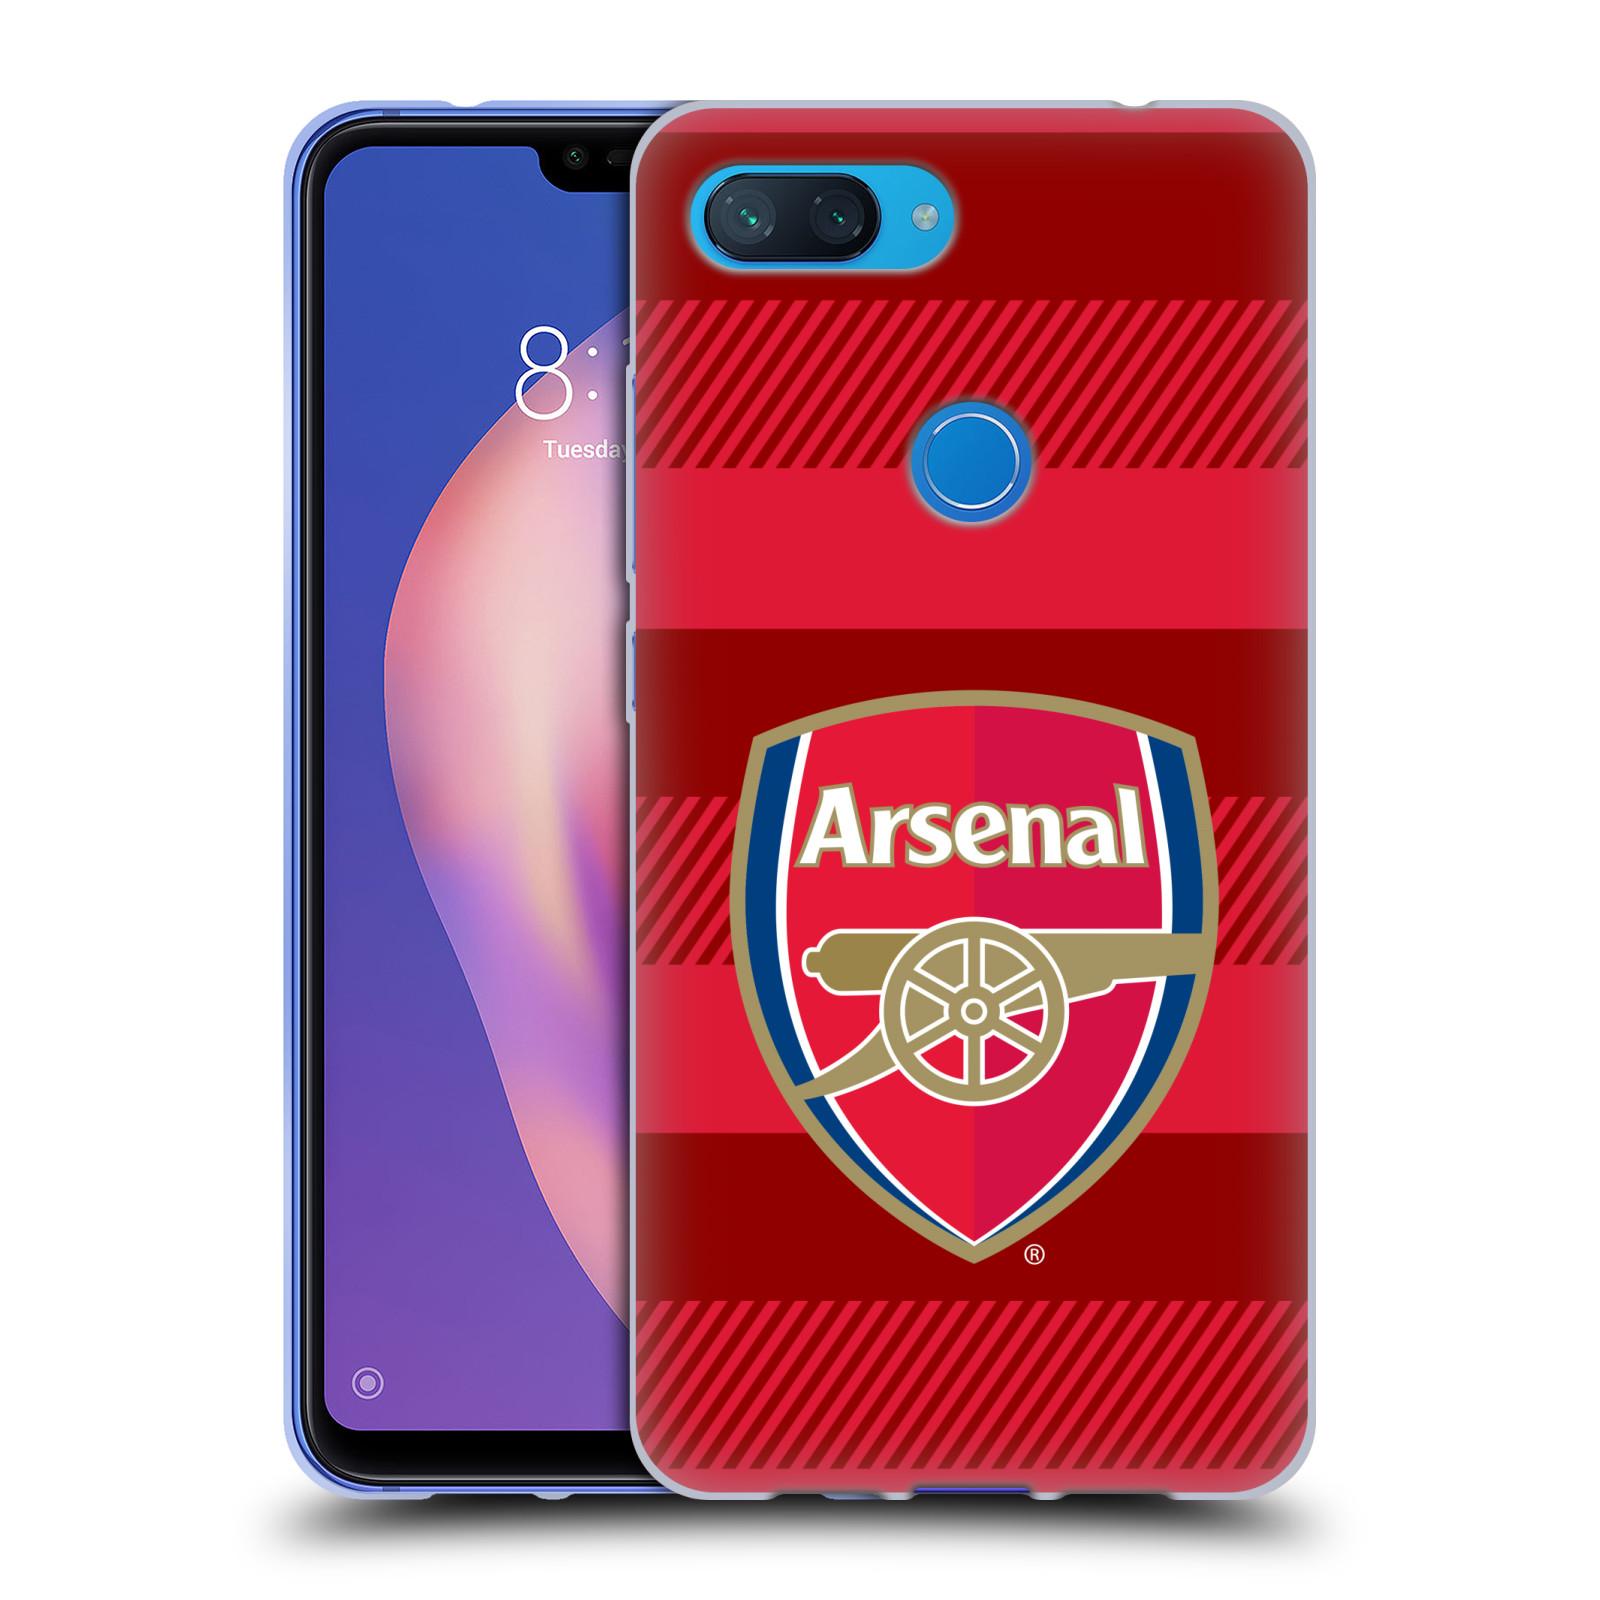 Silikonové pouzdro na mobil Xiaomi Mi 8 Lite - Head Case - Arsenal FC - Logo s pruhy